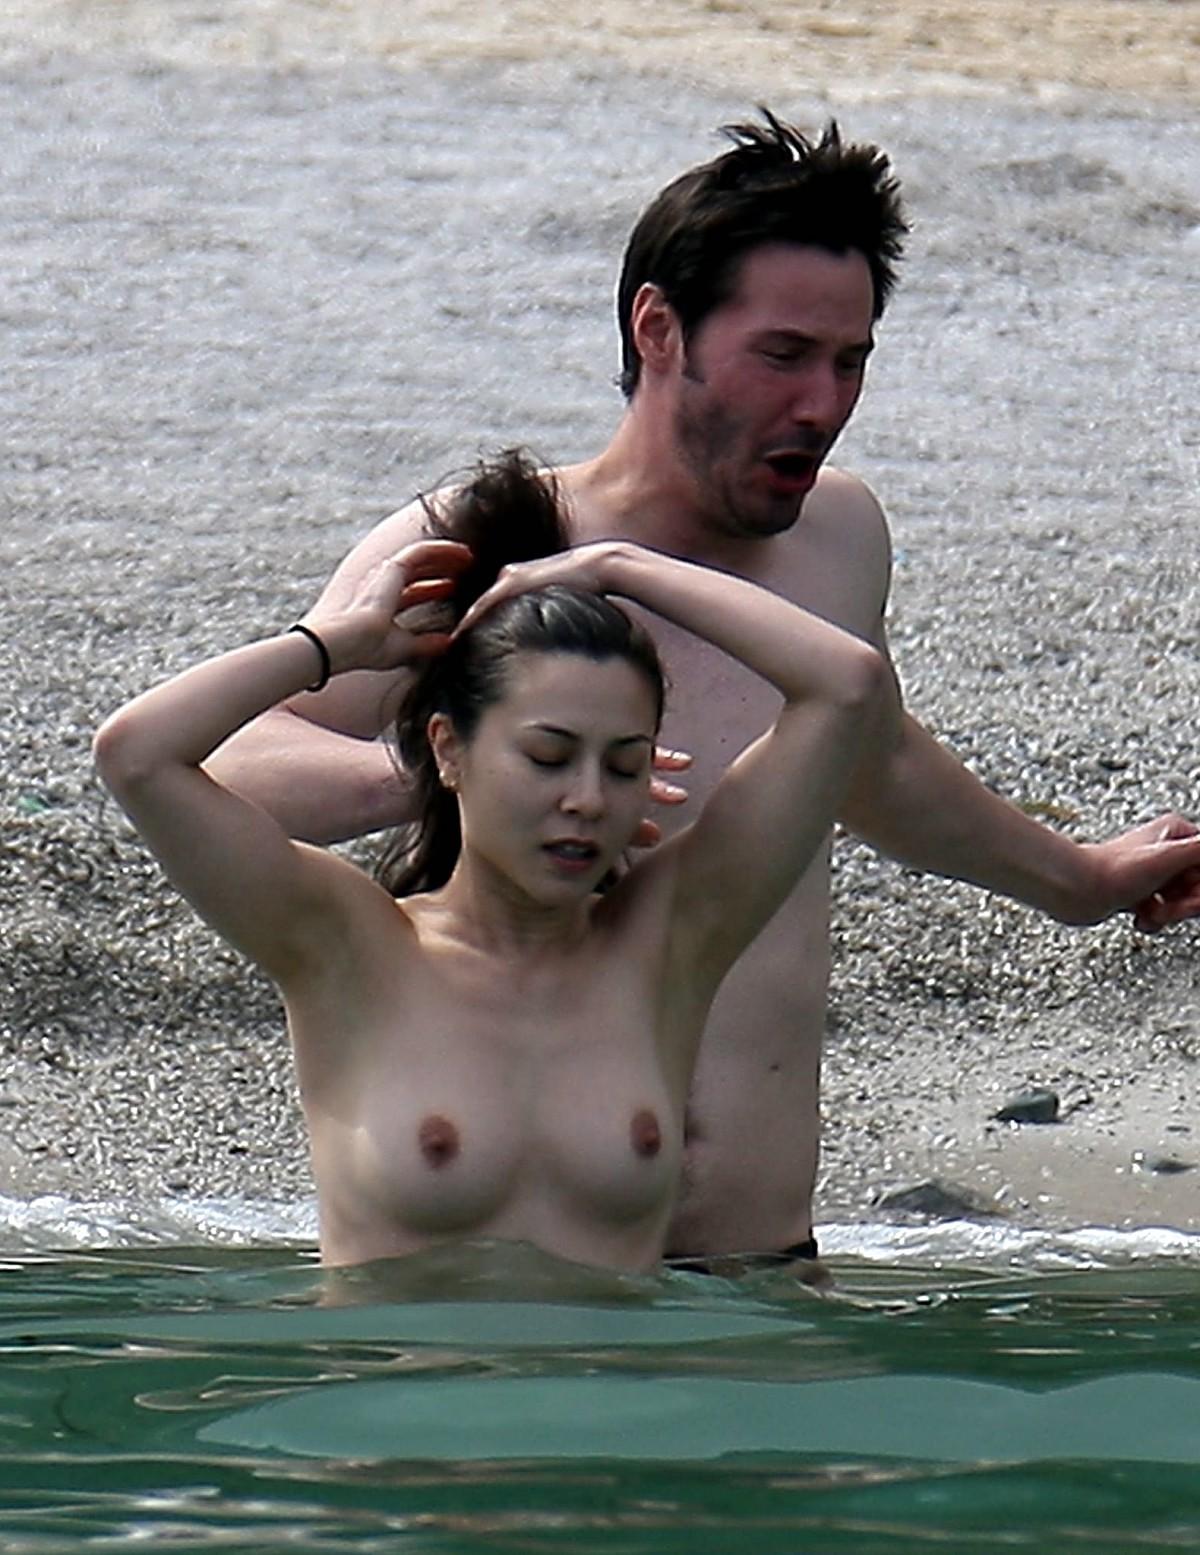 http://1.bp.blogspot.com/_WDCWEjl45FQ/TPVZMf6l3wI/AAAAAAAABBM/_pm9ckqDprU/s1600/china-chow-topless-keanu-reeves-19.jpg